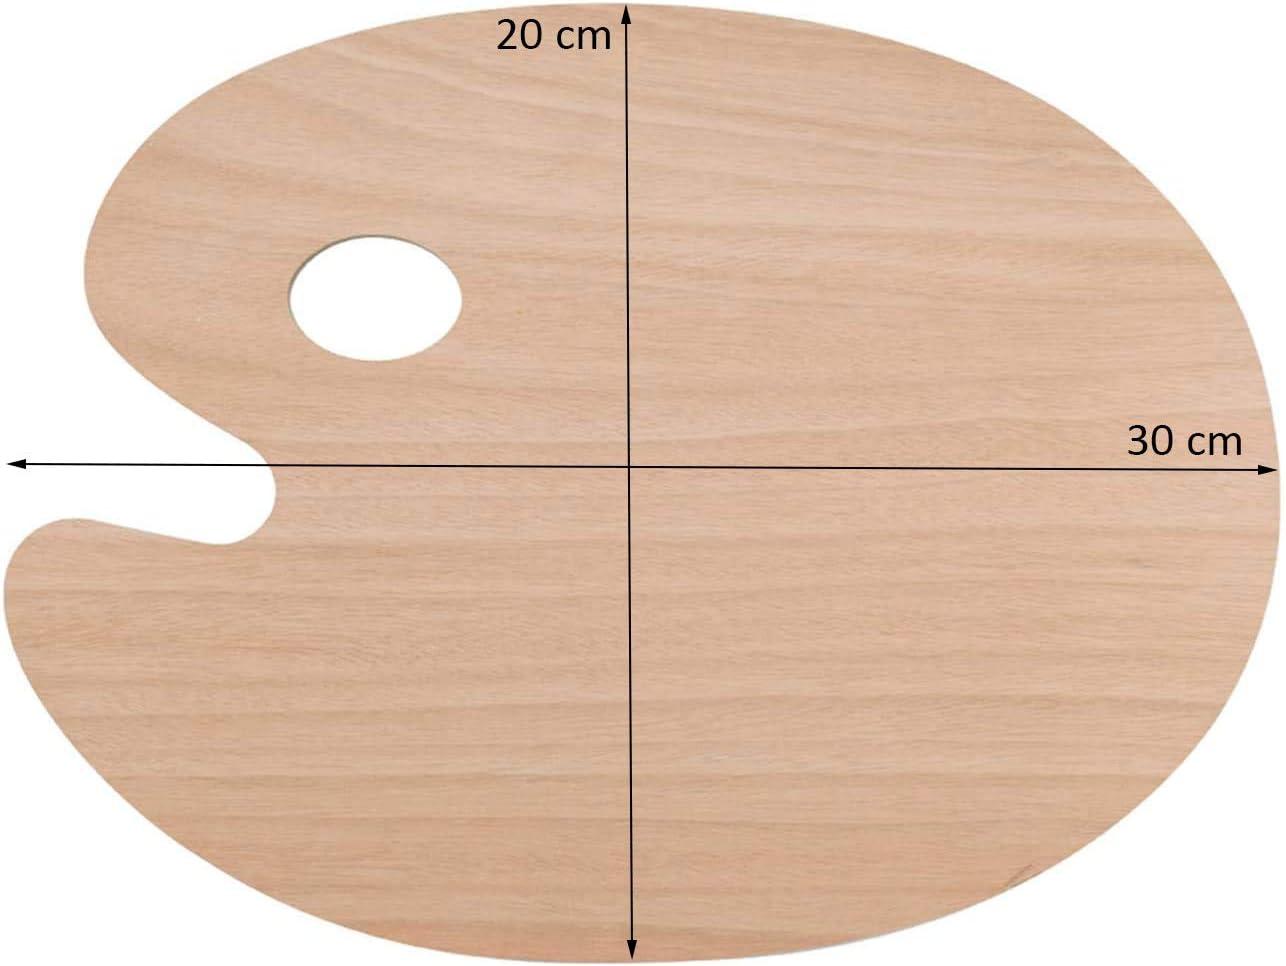 Malpalette Holz oval Farbwanne f/ür Maler Handwerk glatt Daumenloch